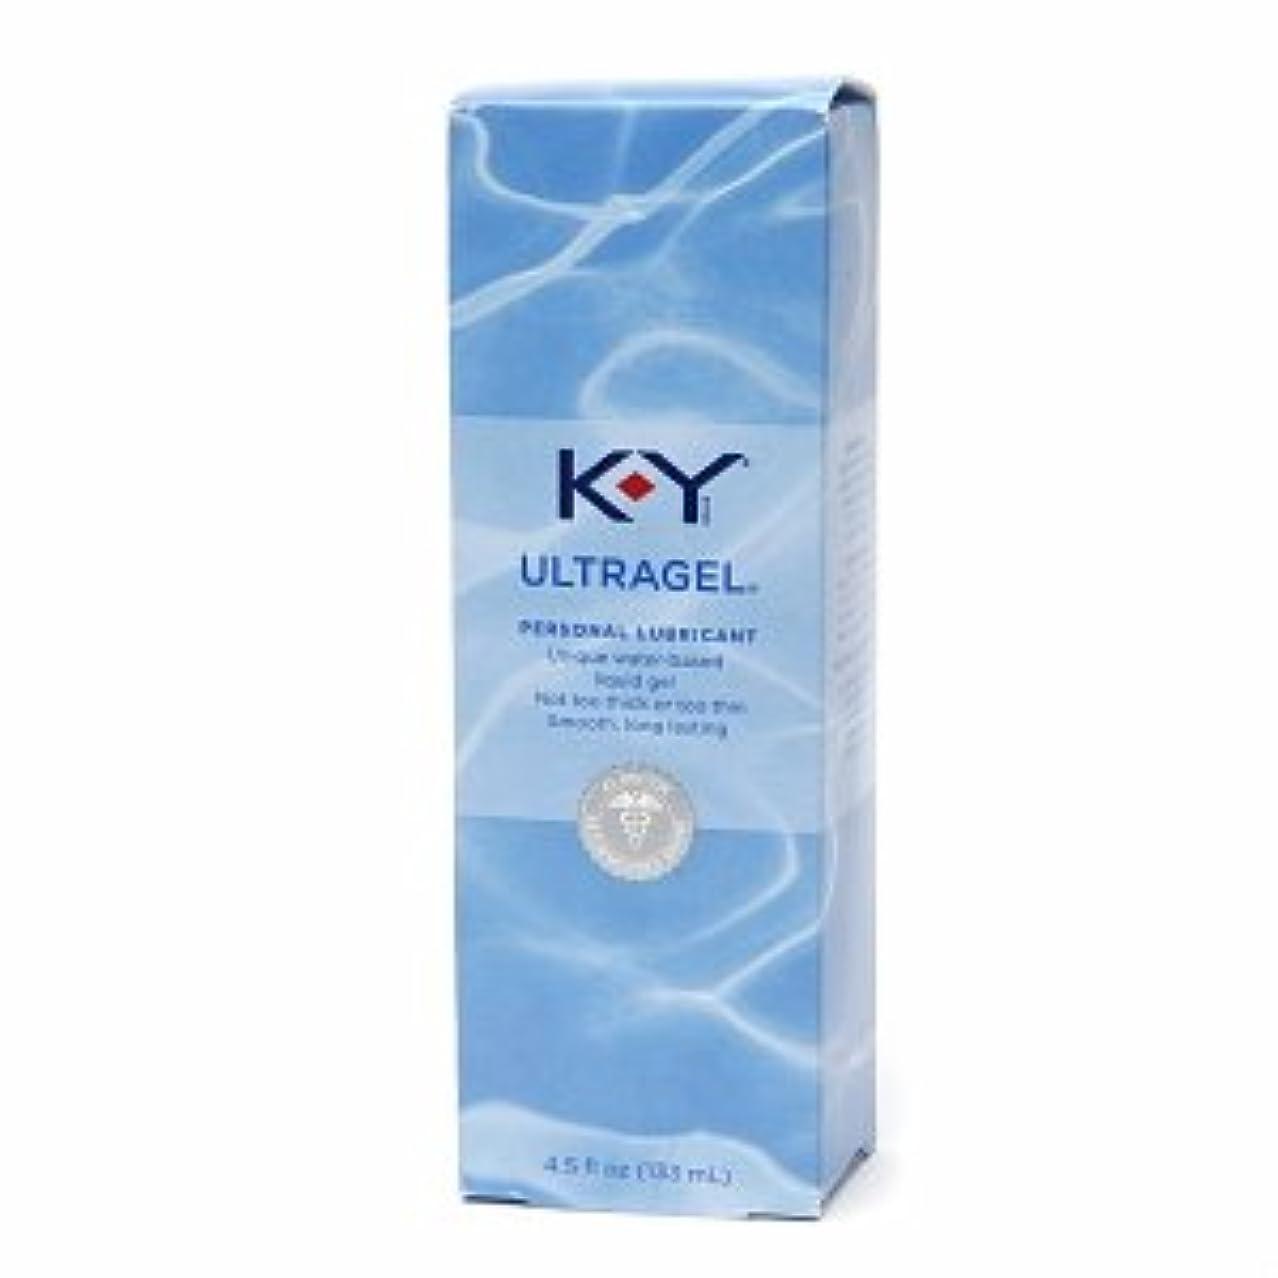 オーバーコート宣伝しわ074 不感症で濡れにくい方へ【高級潤滑剤 KYゼリー】 水溶性の潤滑ジェル42g 海外直送品